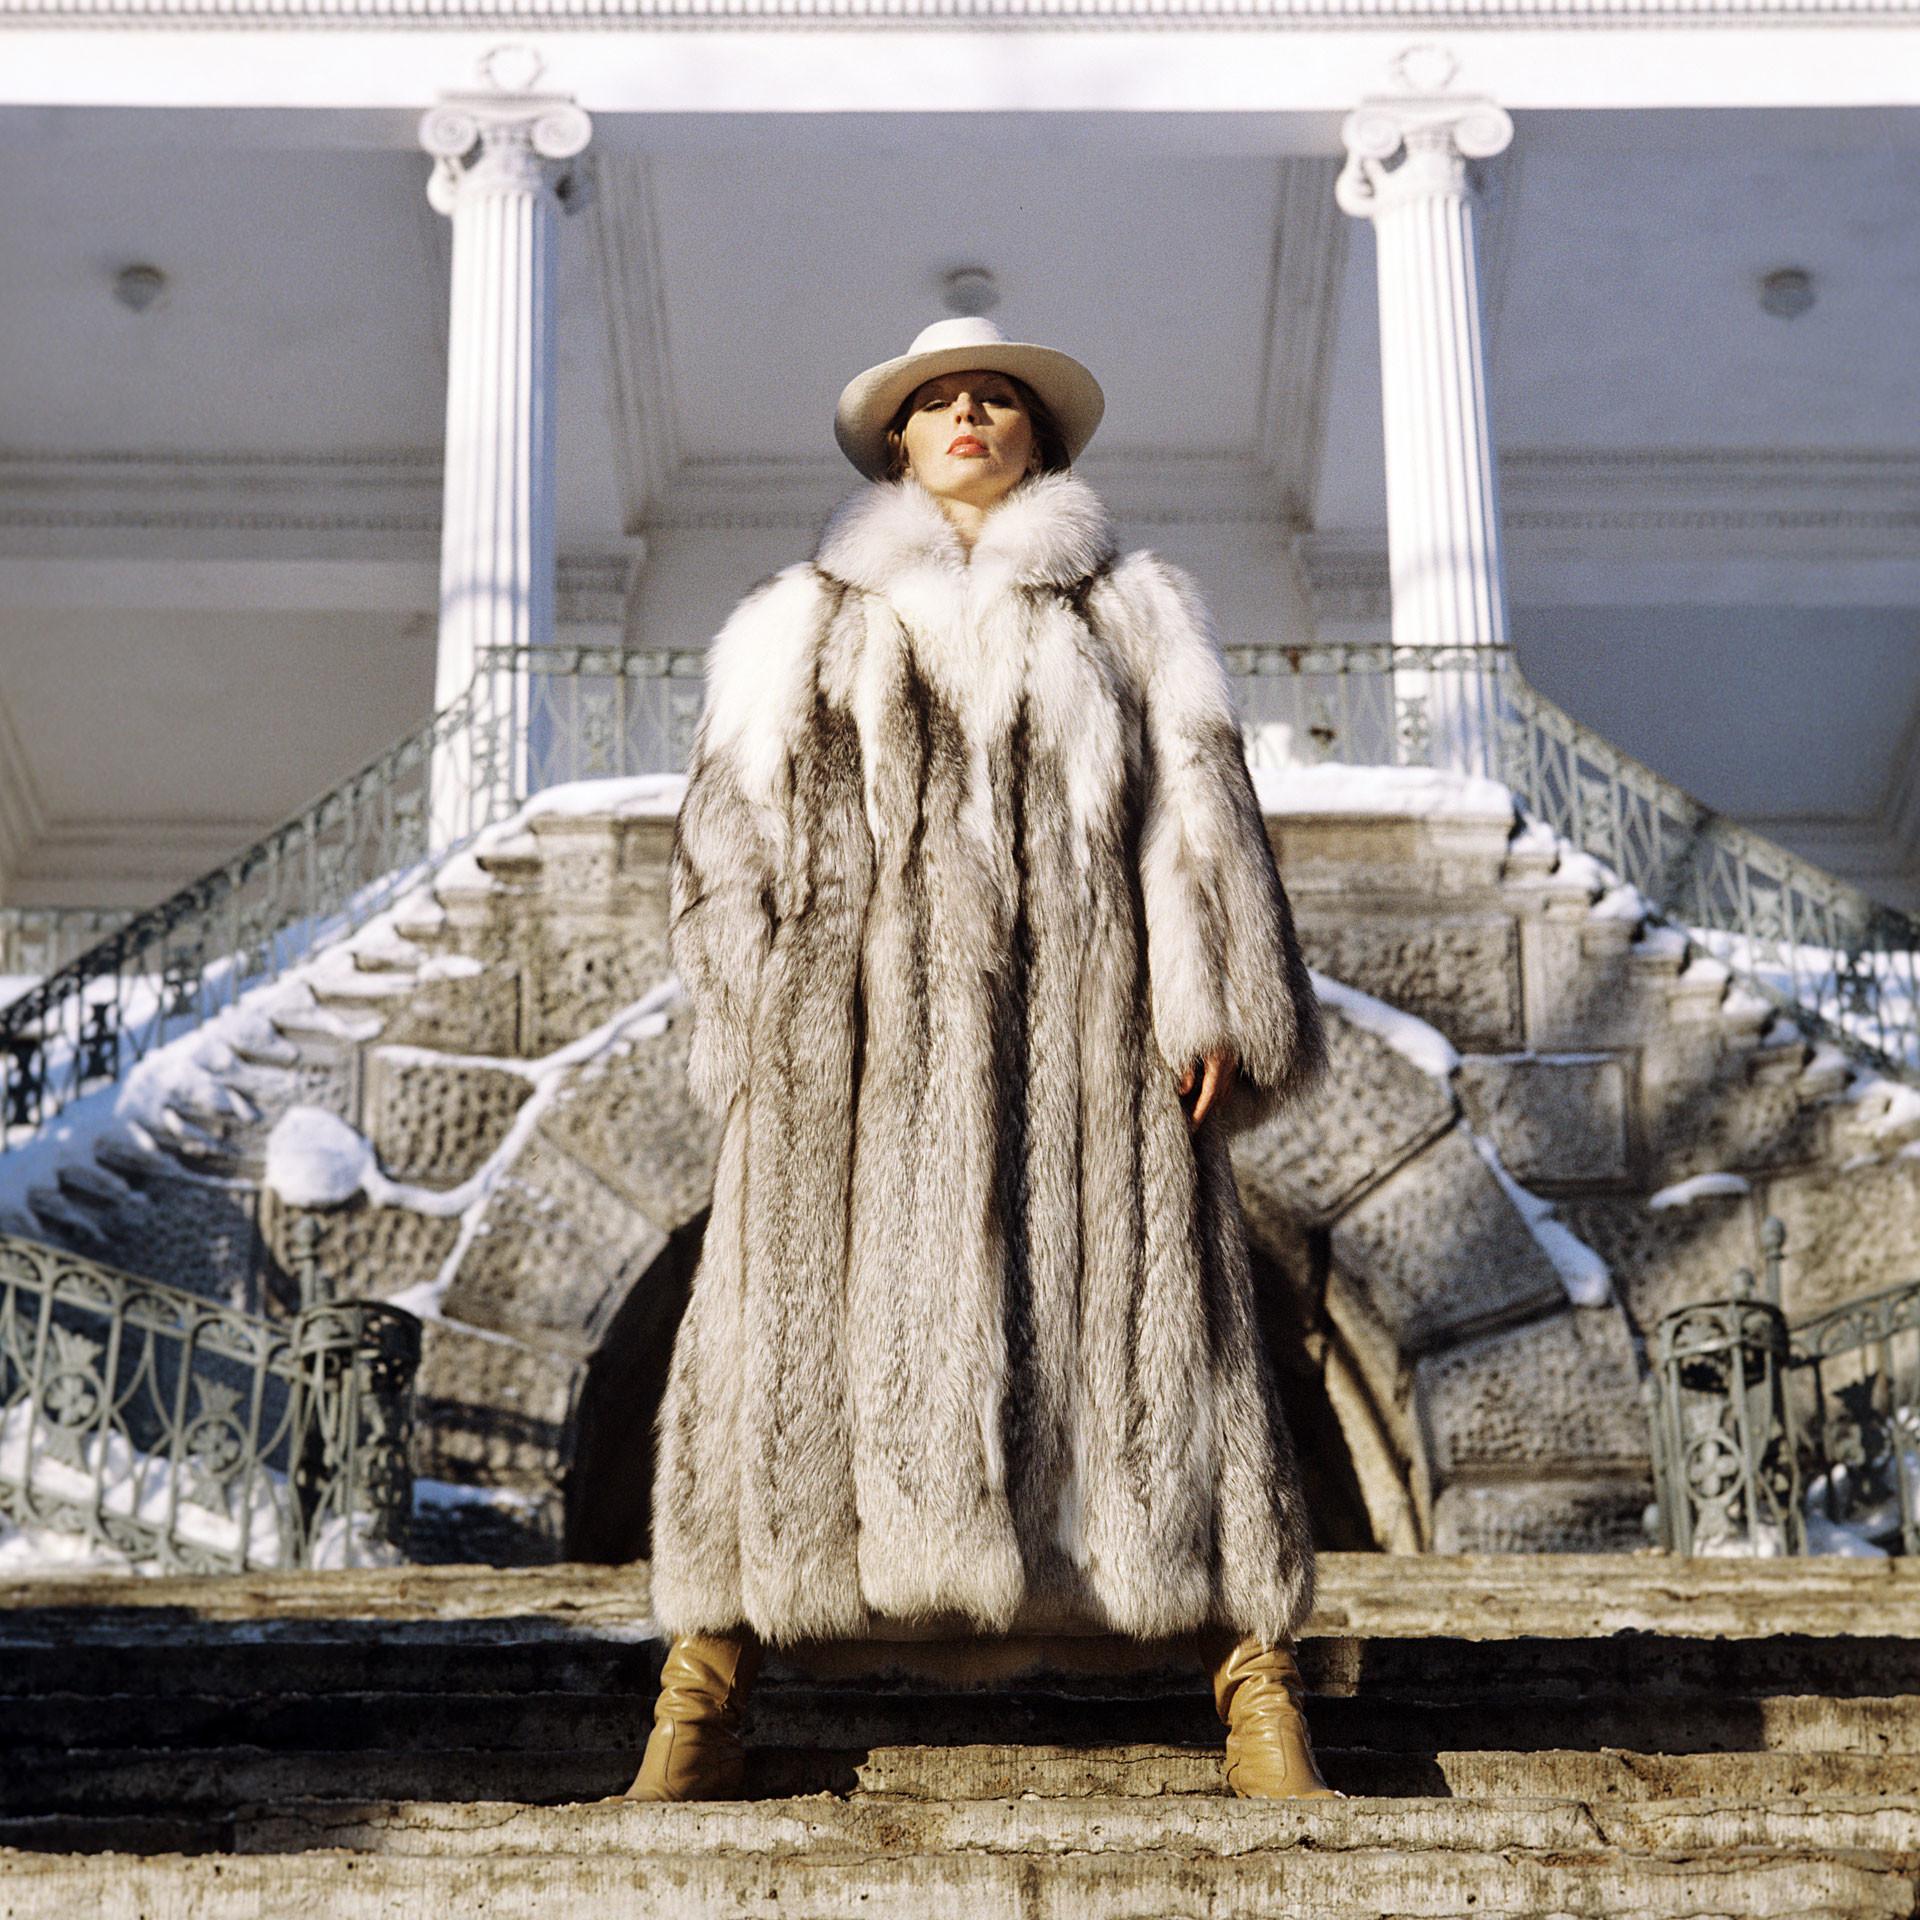 Sobretudo de pele de raposa platinada apresentado na Casa de Modelos de Leningrado, 1982.